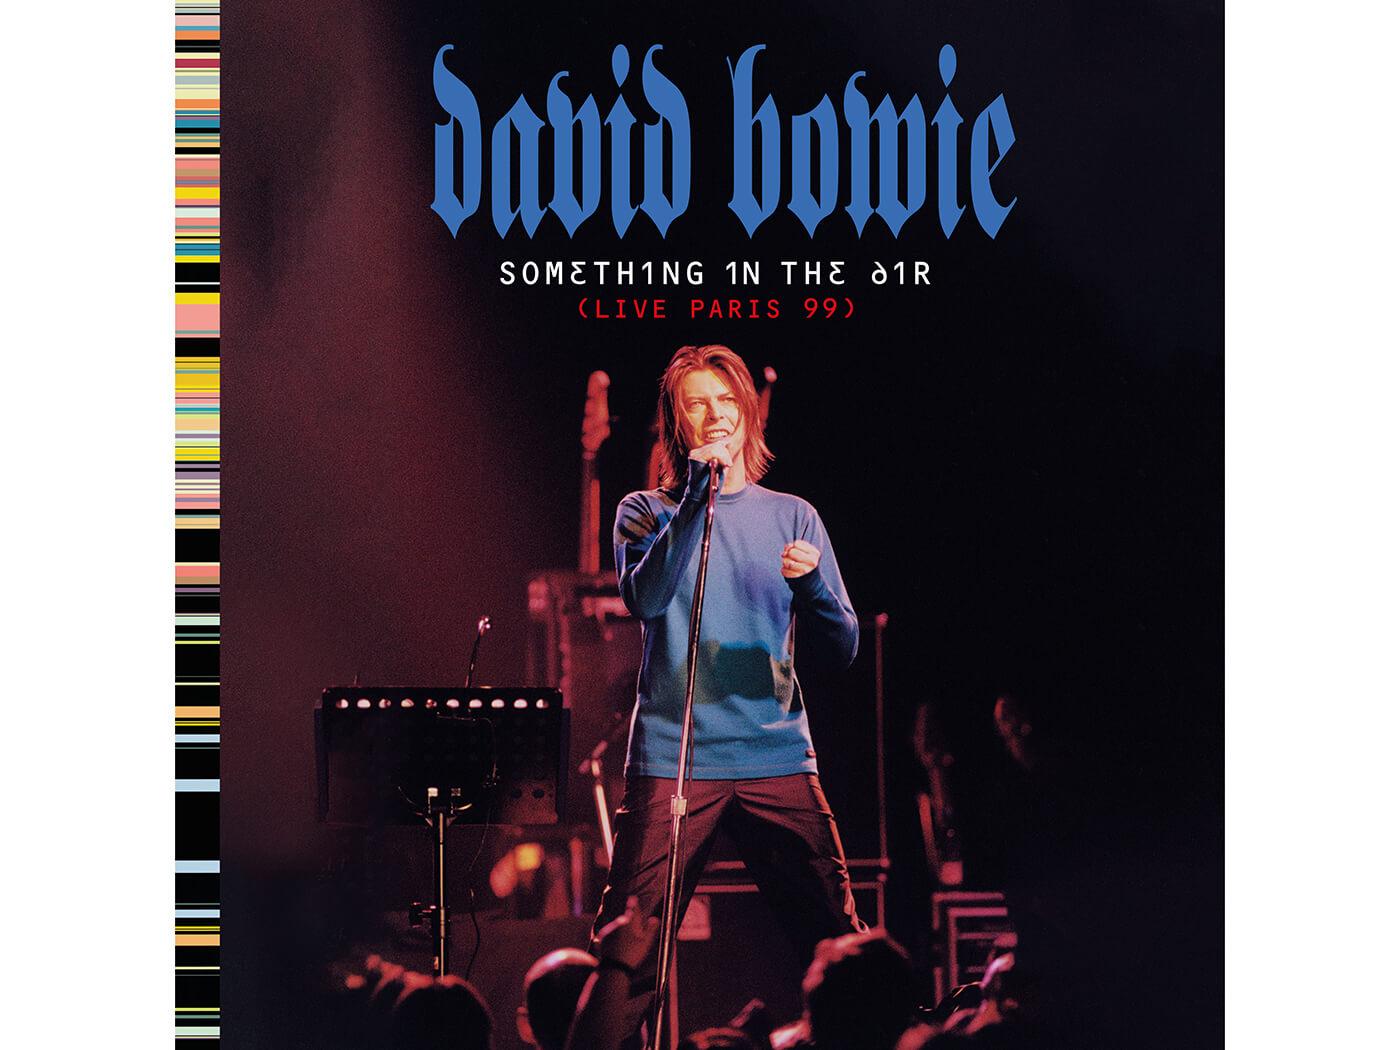 Unreleased 1999 David Bowie Live Album Due Next Week Uncut